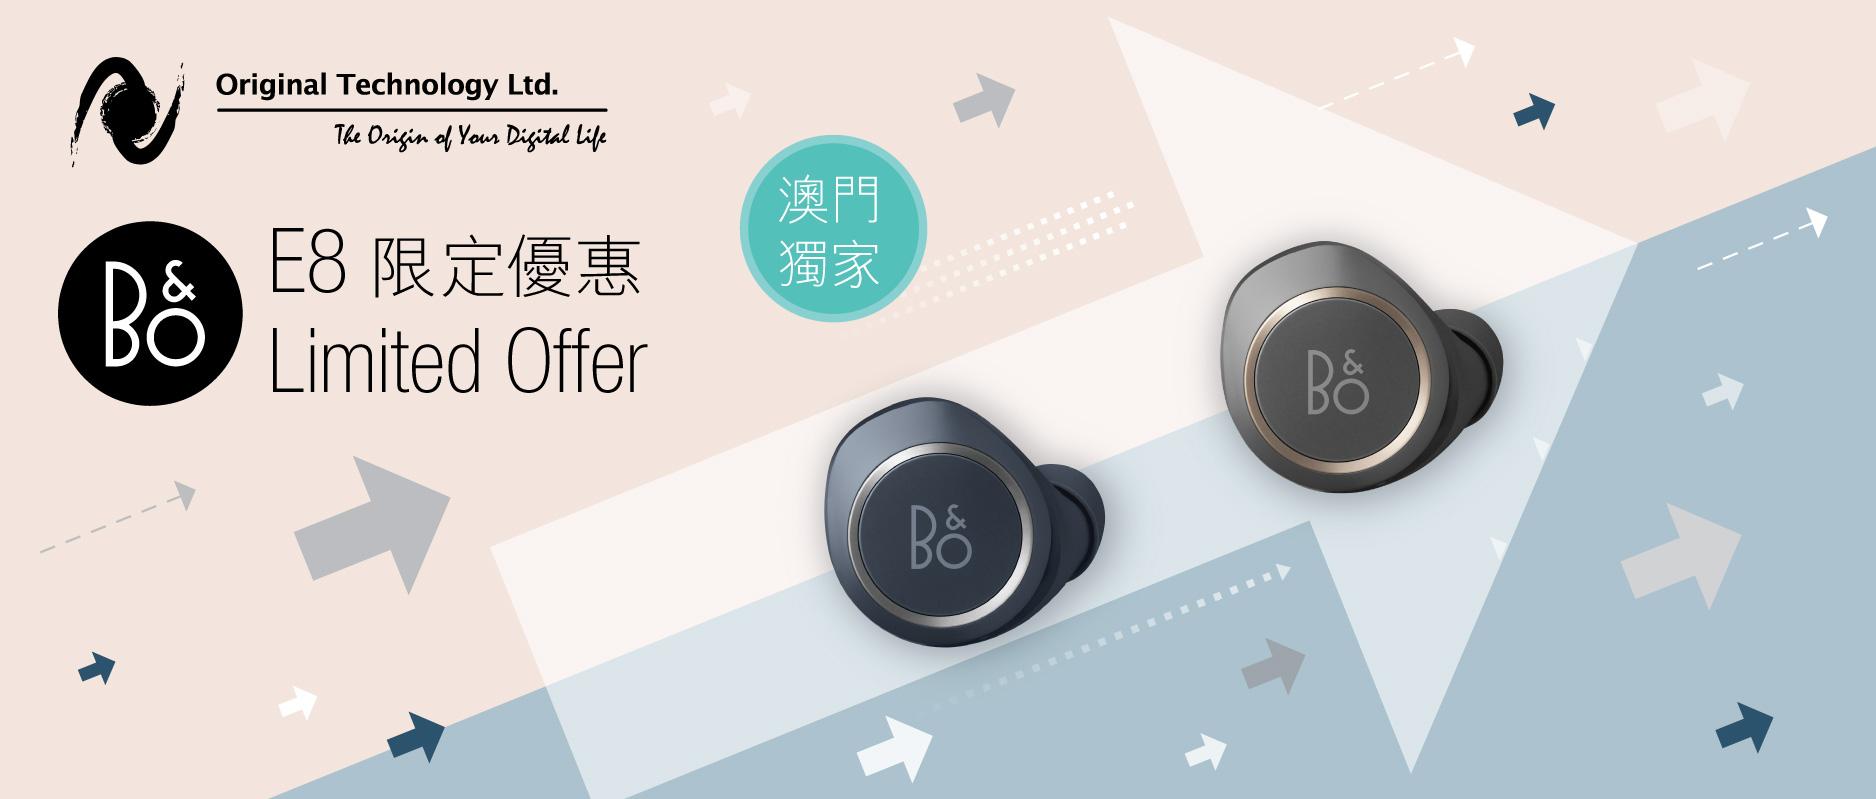 B&O E8 限定優惠 Limited Offer